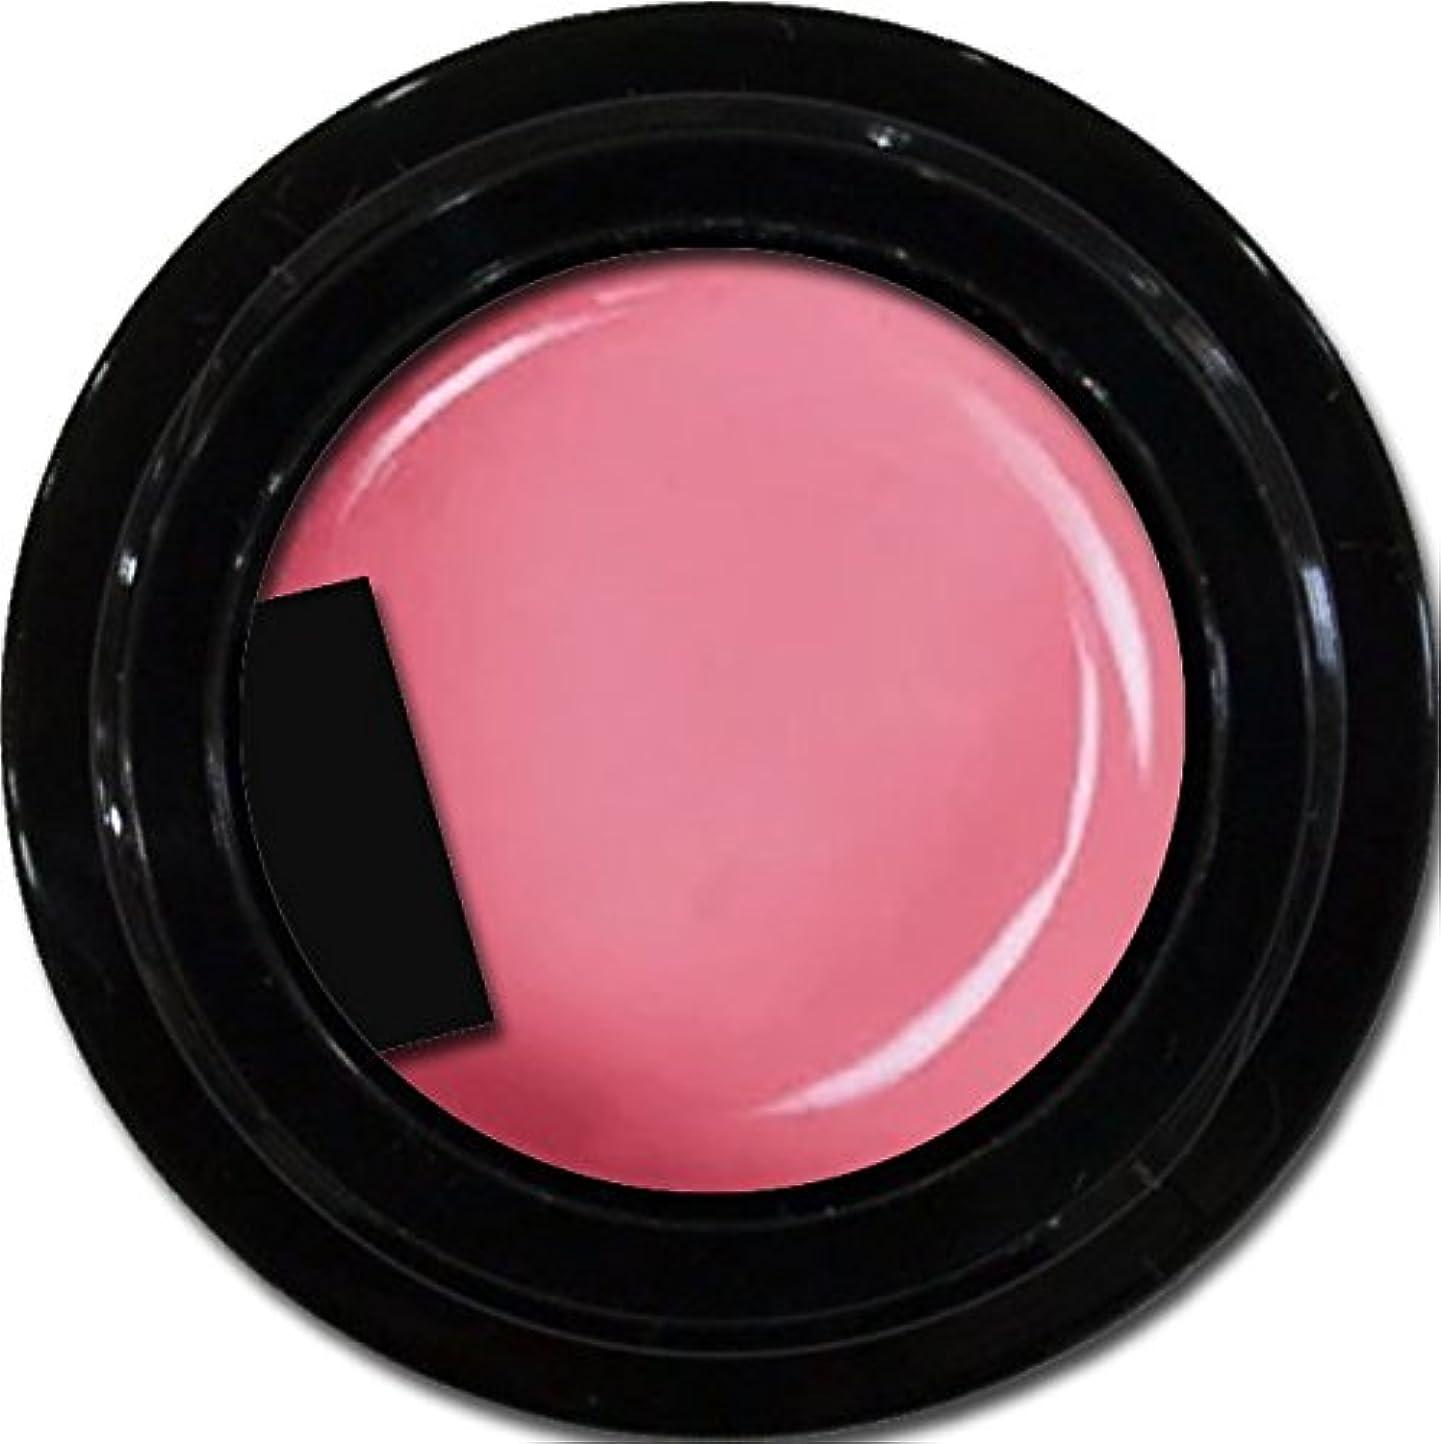 粘性のおもしろいサイバースペースカラージェル enchant color gel M212 CoralPink 3g/ マットカラージェル M212コーラルピンク 3グラム